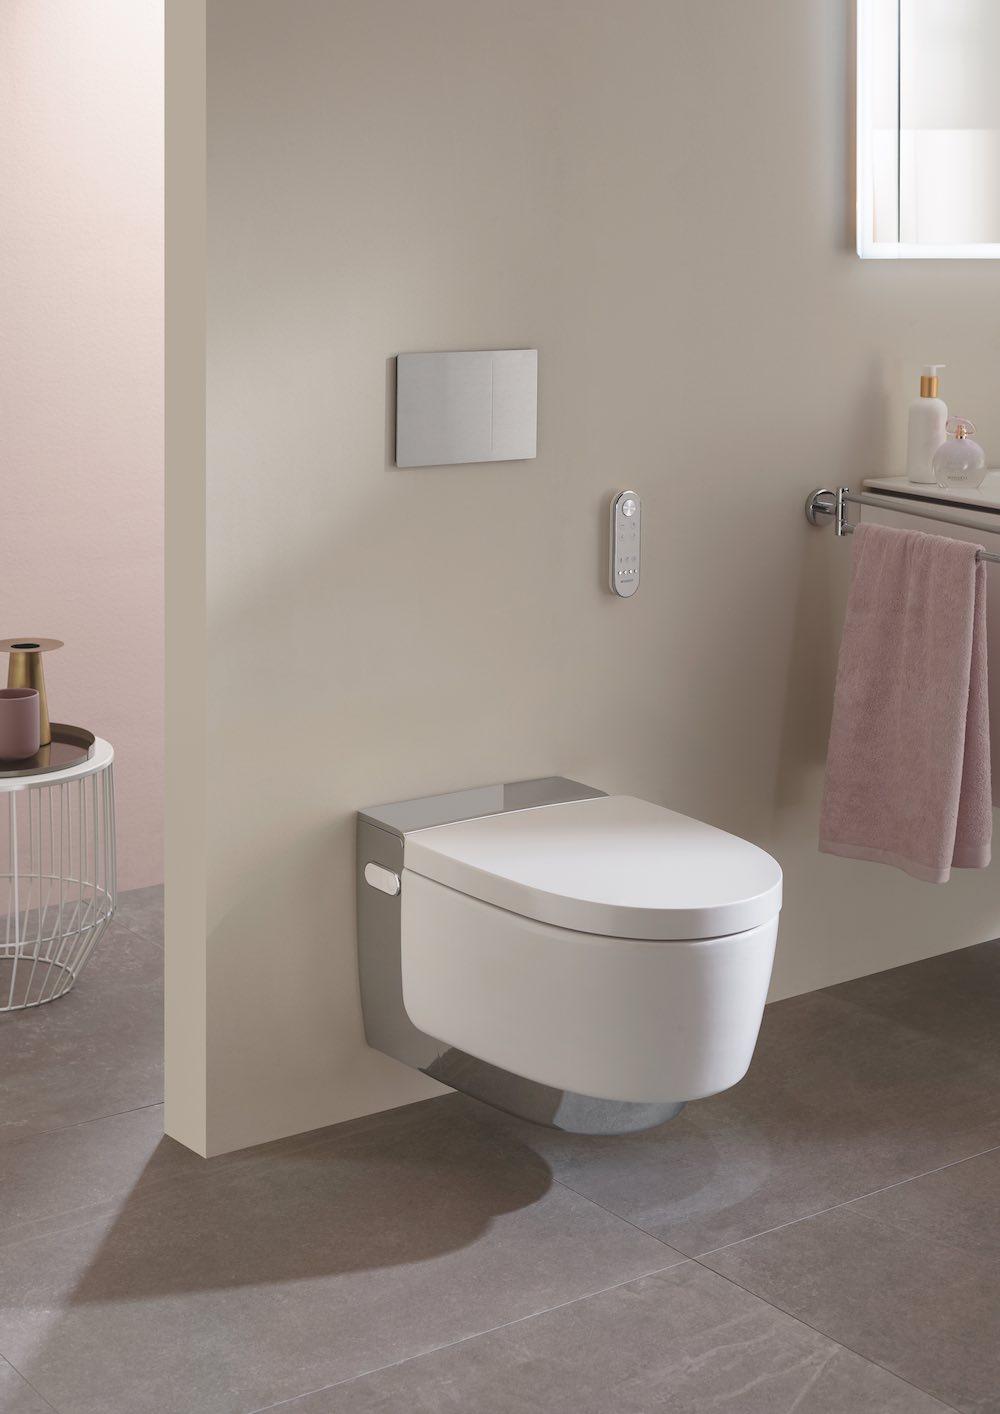 Kleur in de badkamer. Pasteltinten. Douche-wc Aquaclean Mera Geberit #badkamer #inpiratie #kleur